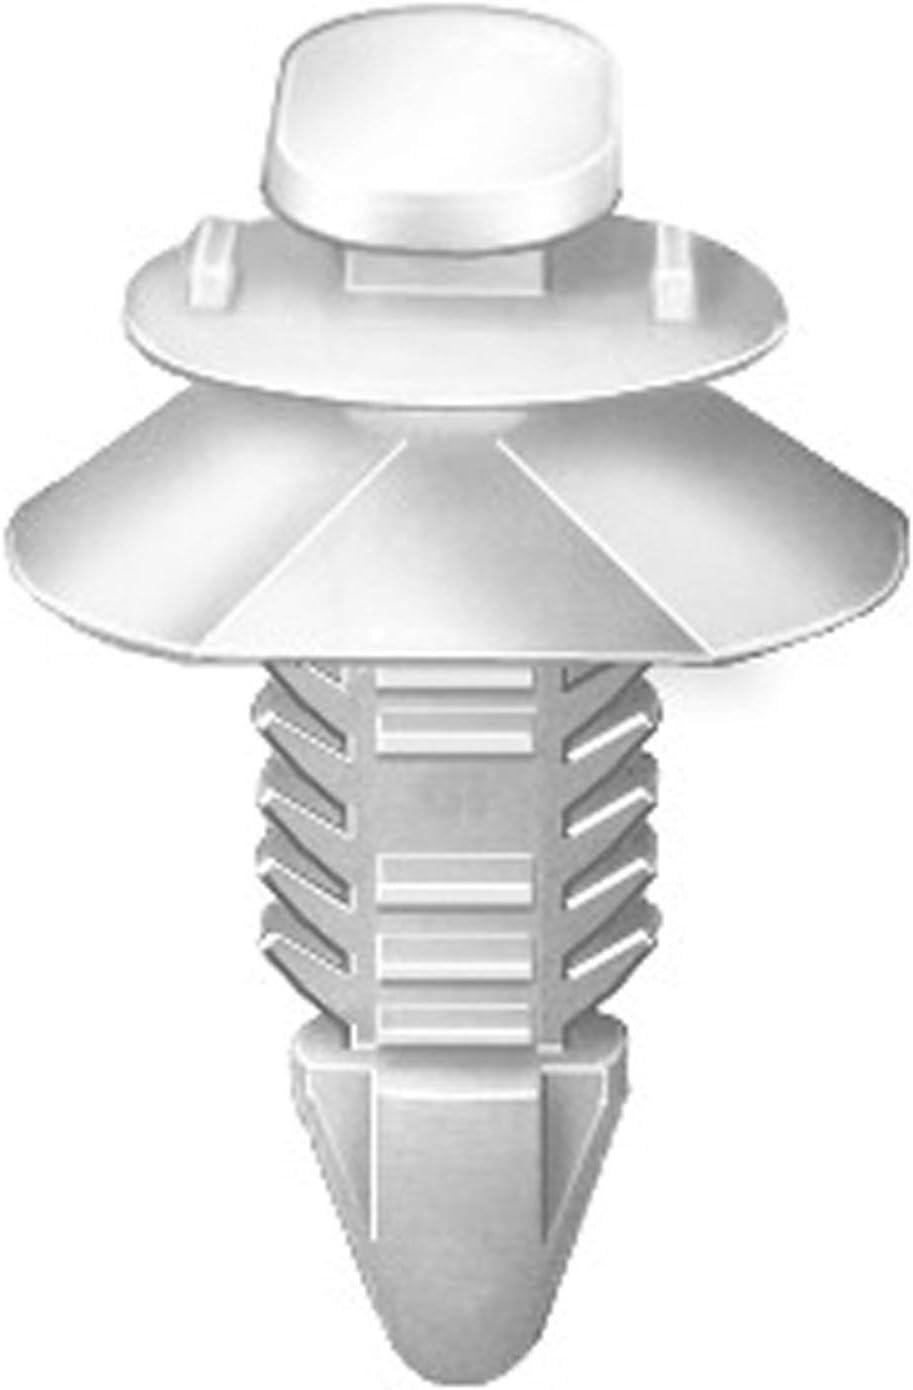 50 Door Trim Panel Fasteners For GM Camaro /& Firebird Clipsandfasteners Inc